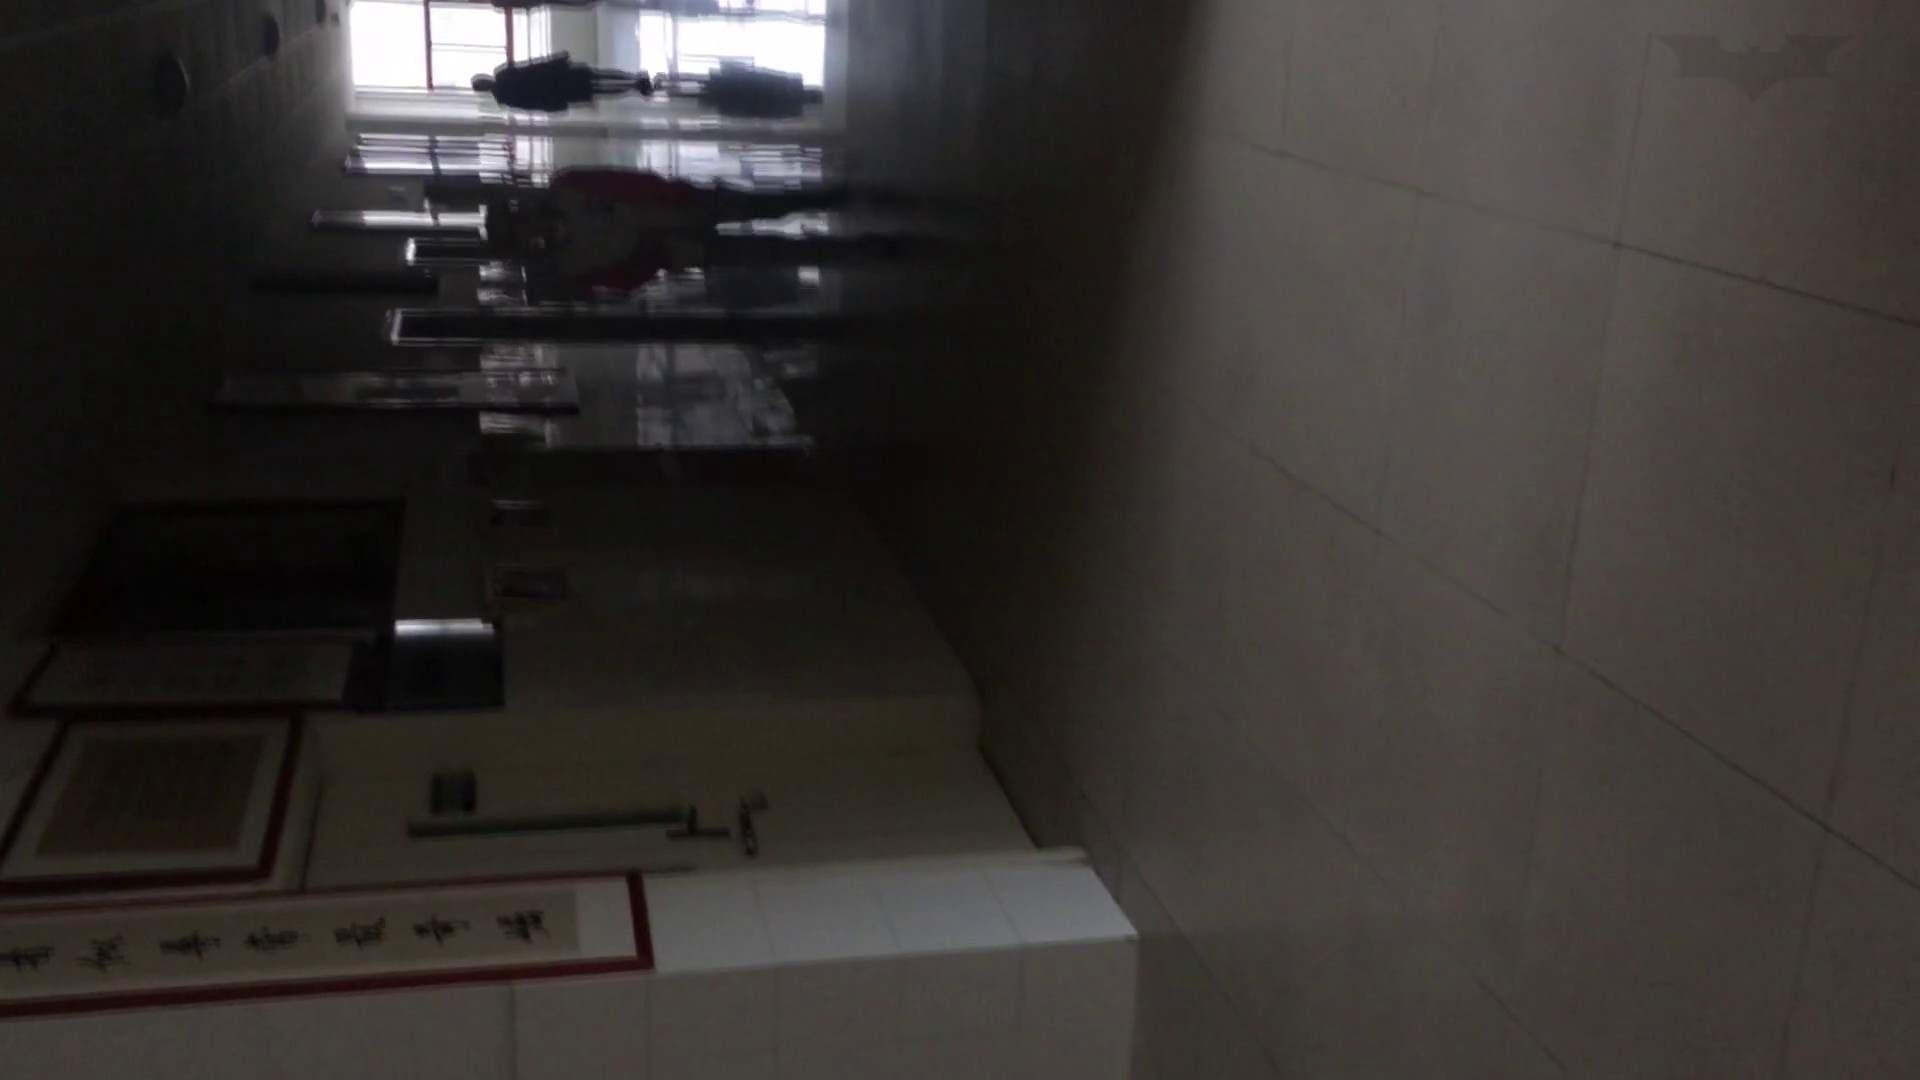 芸術大学ガチ潜入盗撮 JD盗撮 美女の洗面所の秘密 Vol.80 トイレ中 | 洗面所着替え  64連発 53